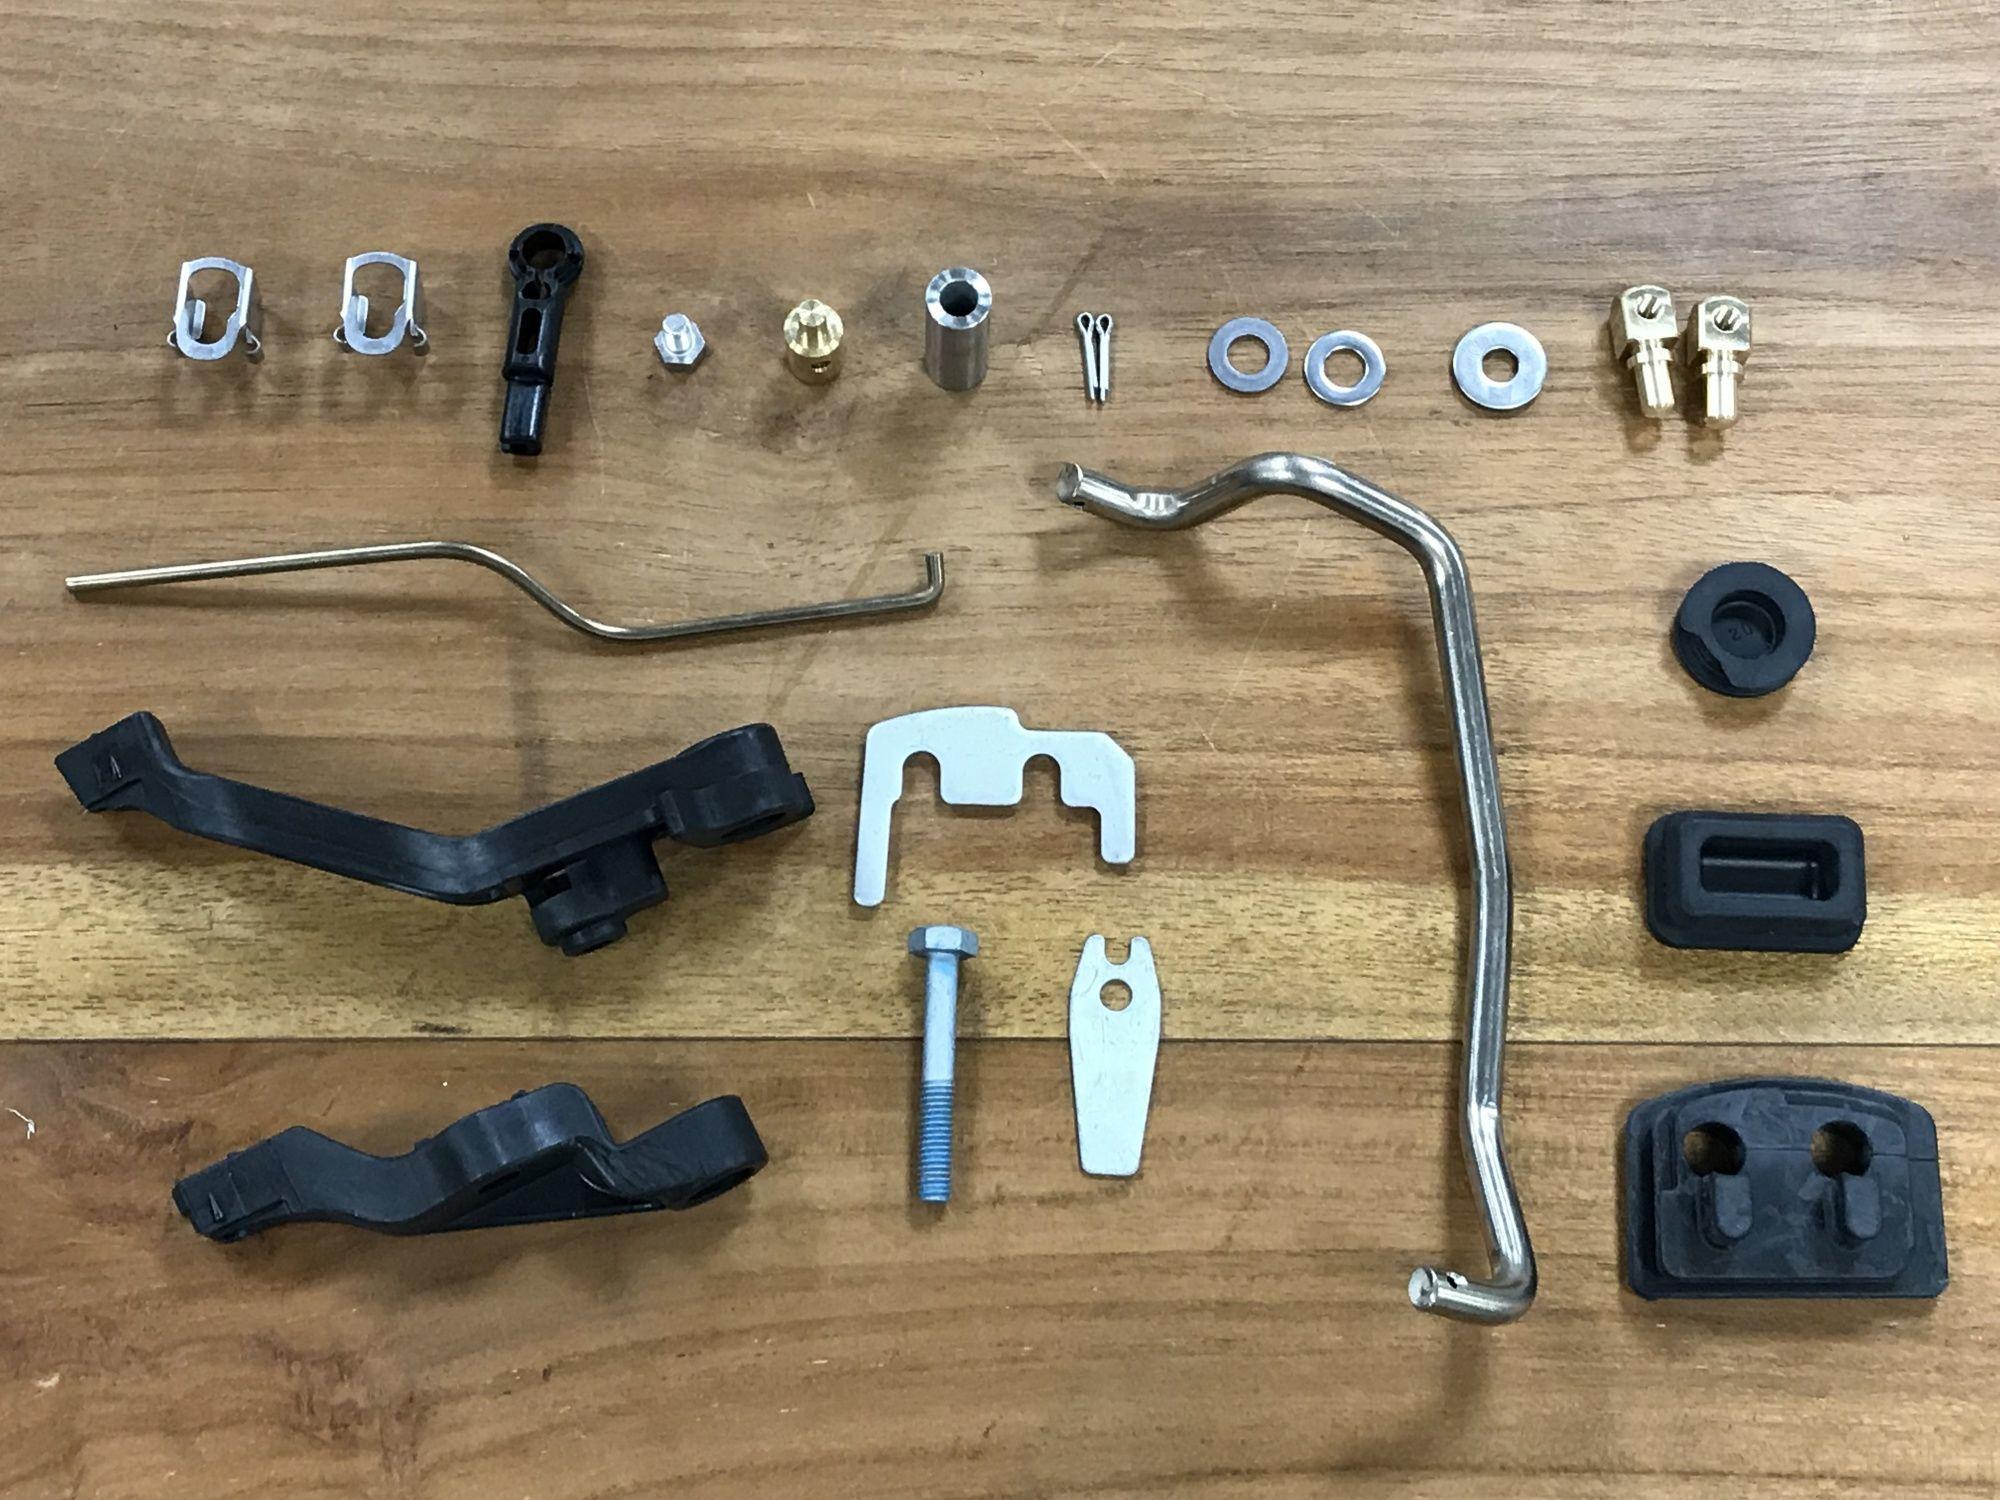 Ma-Sa Honda BF 15/20 SHU Umbau Bügellenkungsset für Schlauchboote inkl. Luftsitzbank für Luftböden *NO.3*